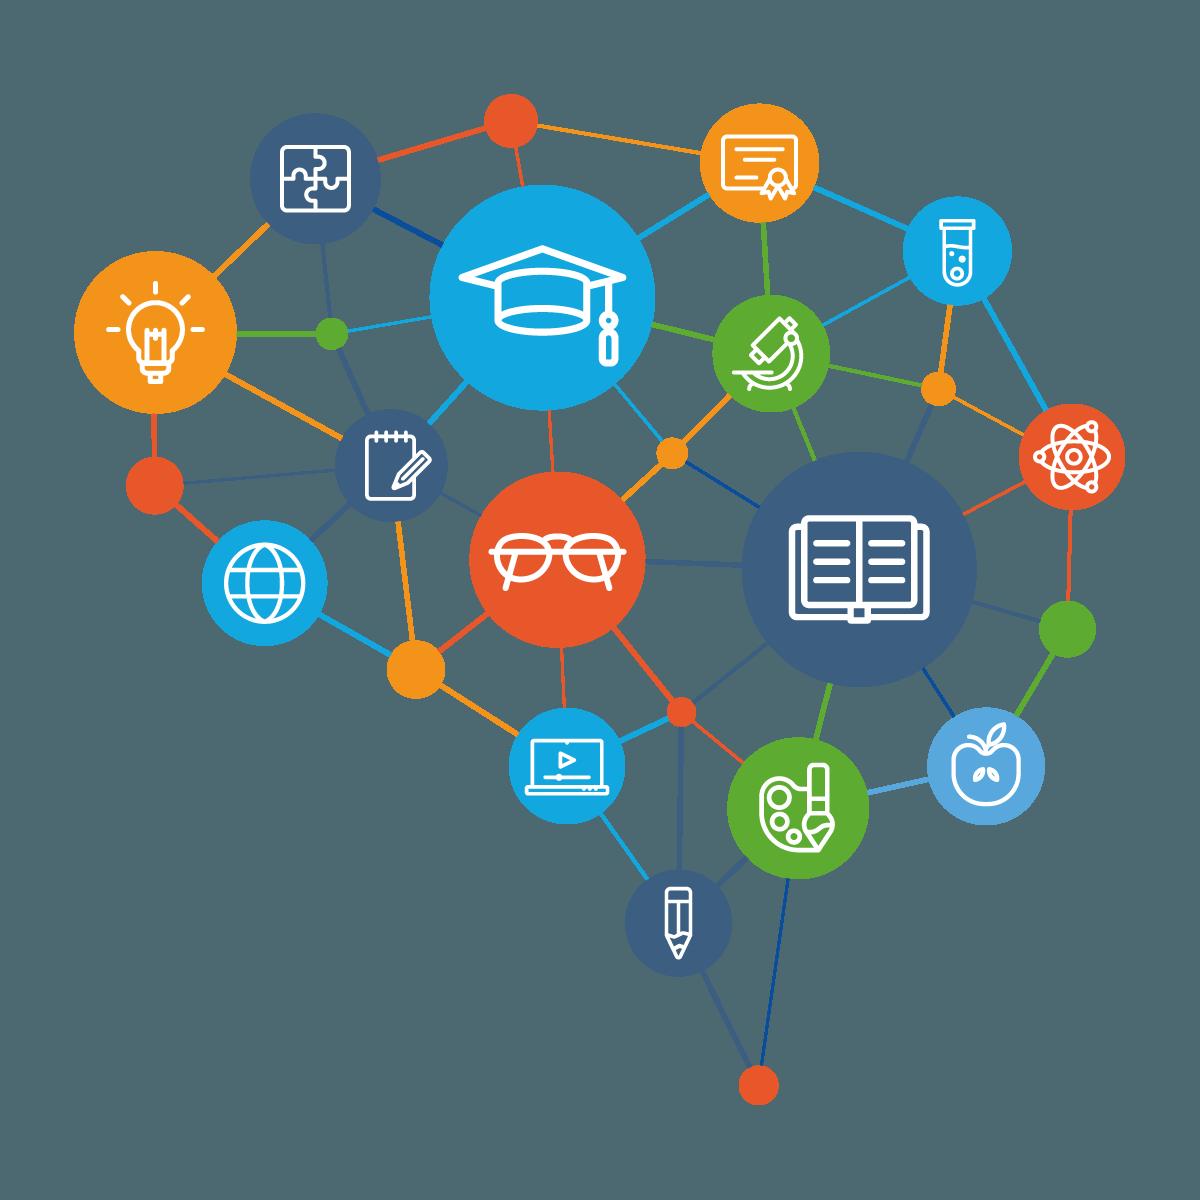 Grafik mit verschiedenen Icons als Mindmap zum Thema Ausbildung